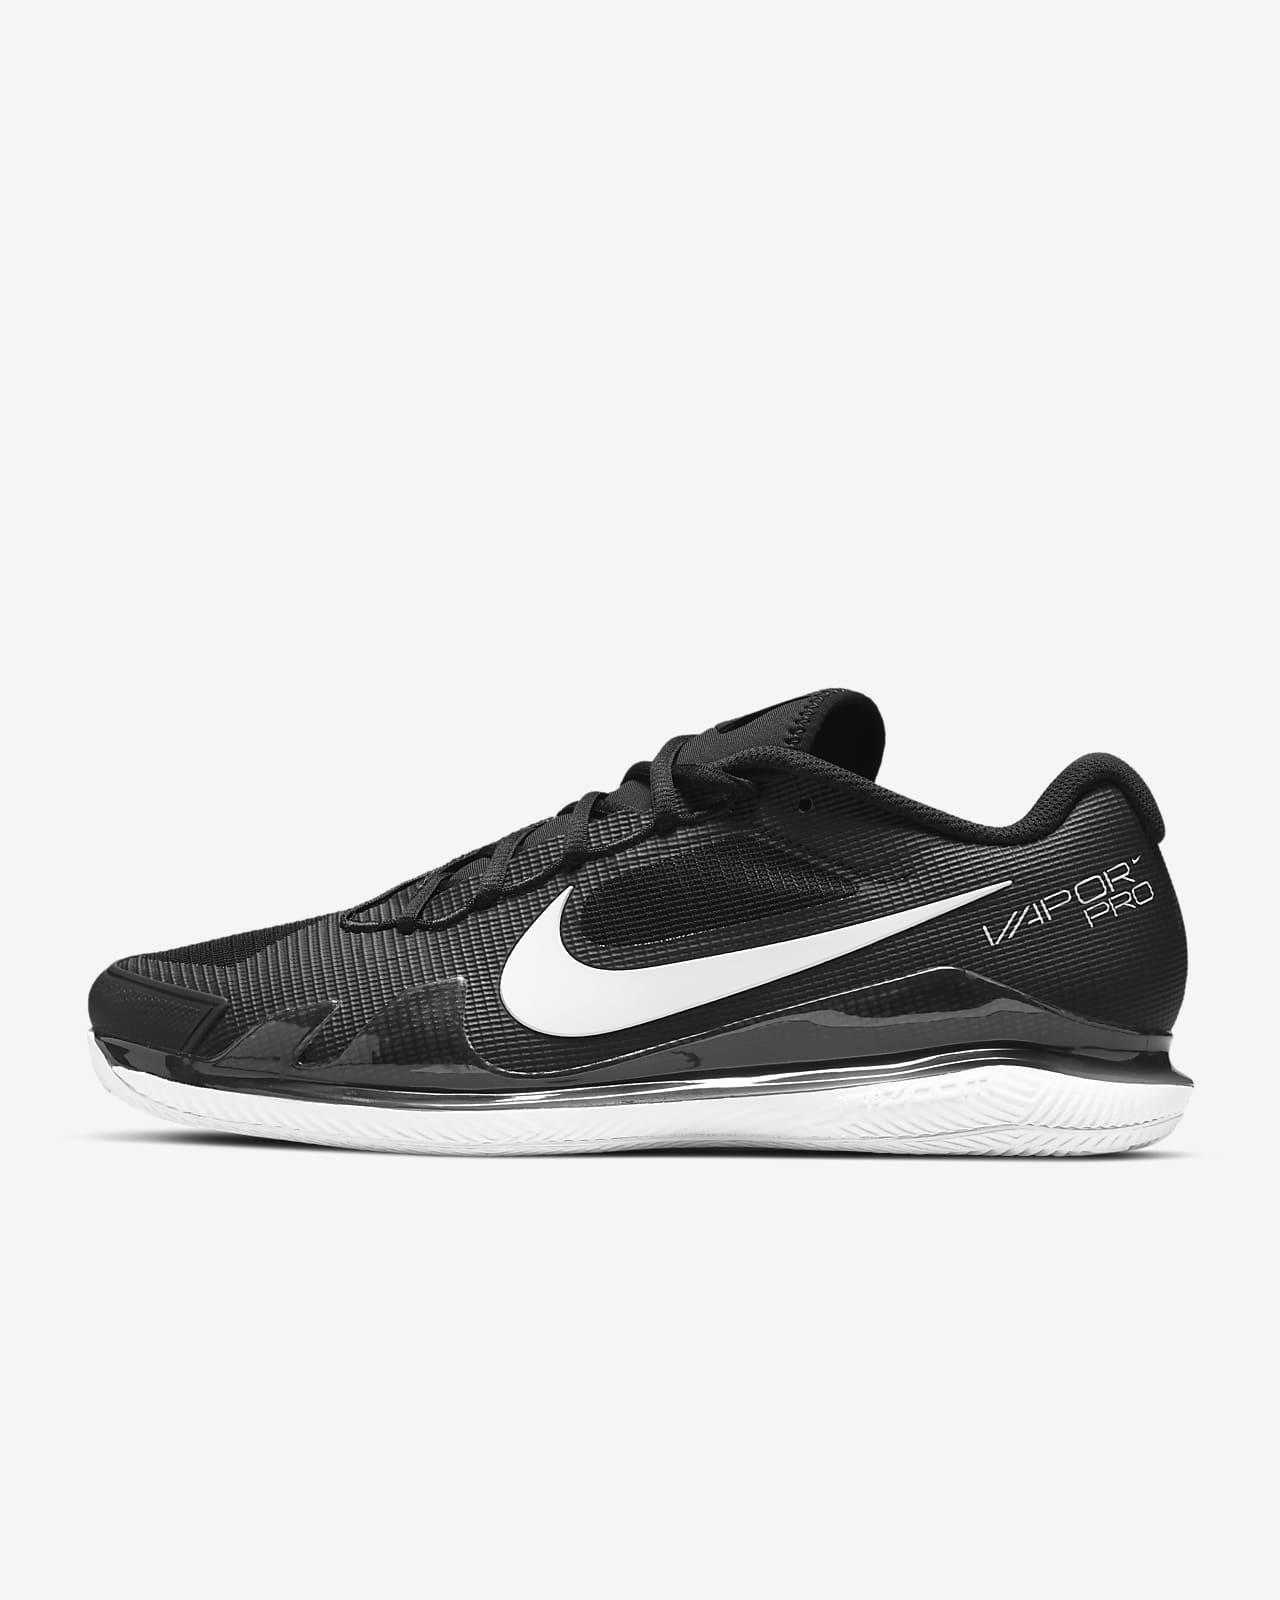 NikeCourt Air Zoom Vapor Pro Men's Clay Court Tennis Shoes